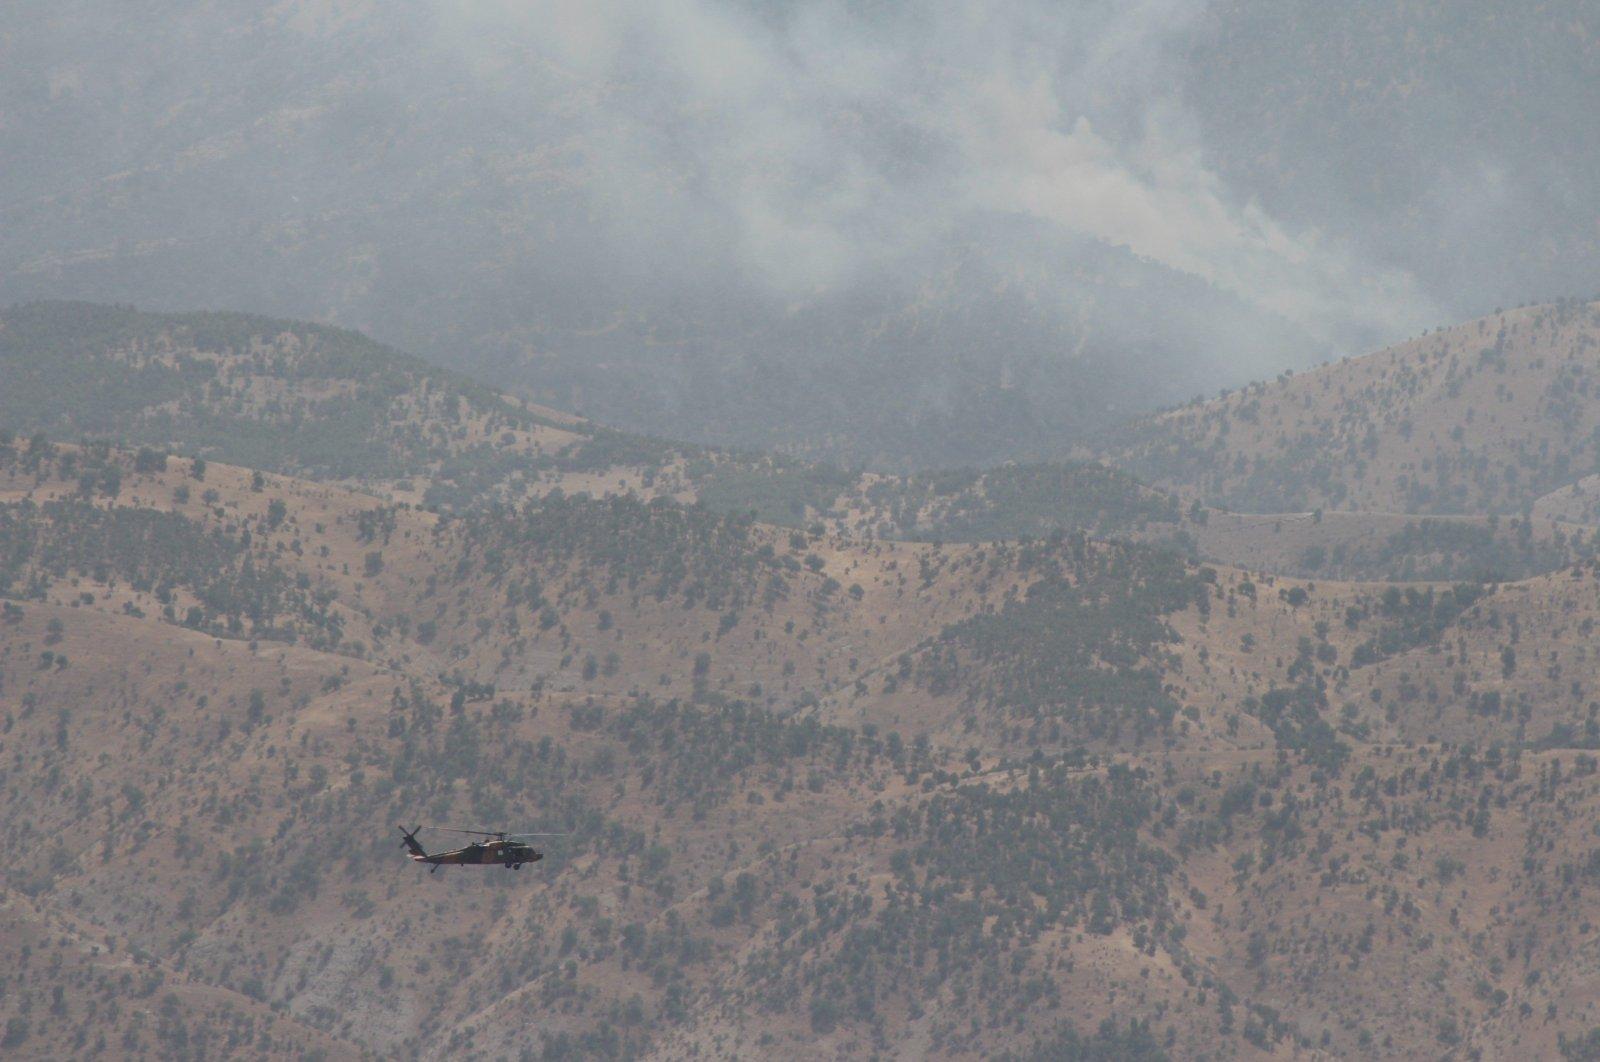 La Turquie mène une opération aérienne sur des cibles du PKK dans le nord de l'Irak